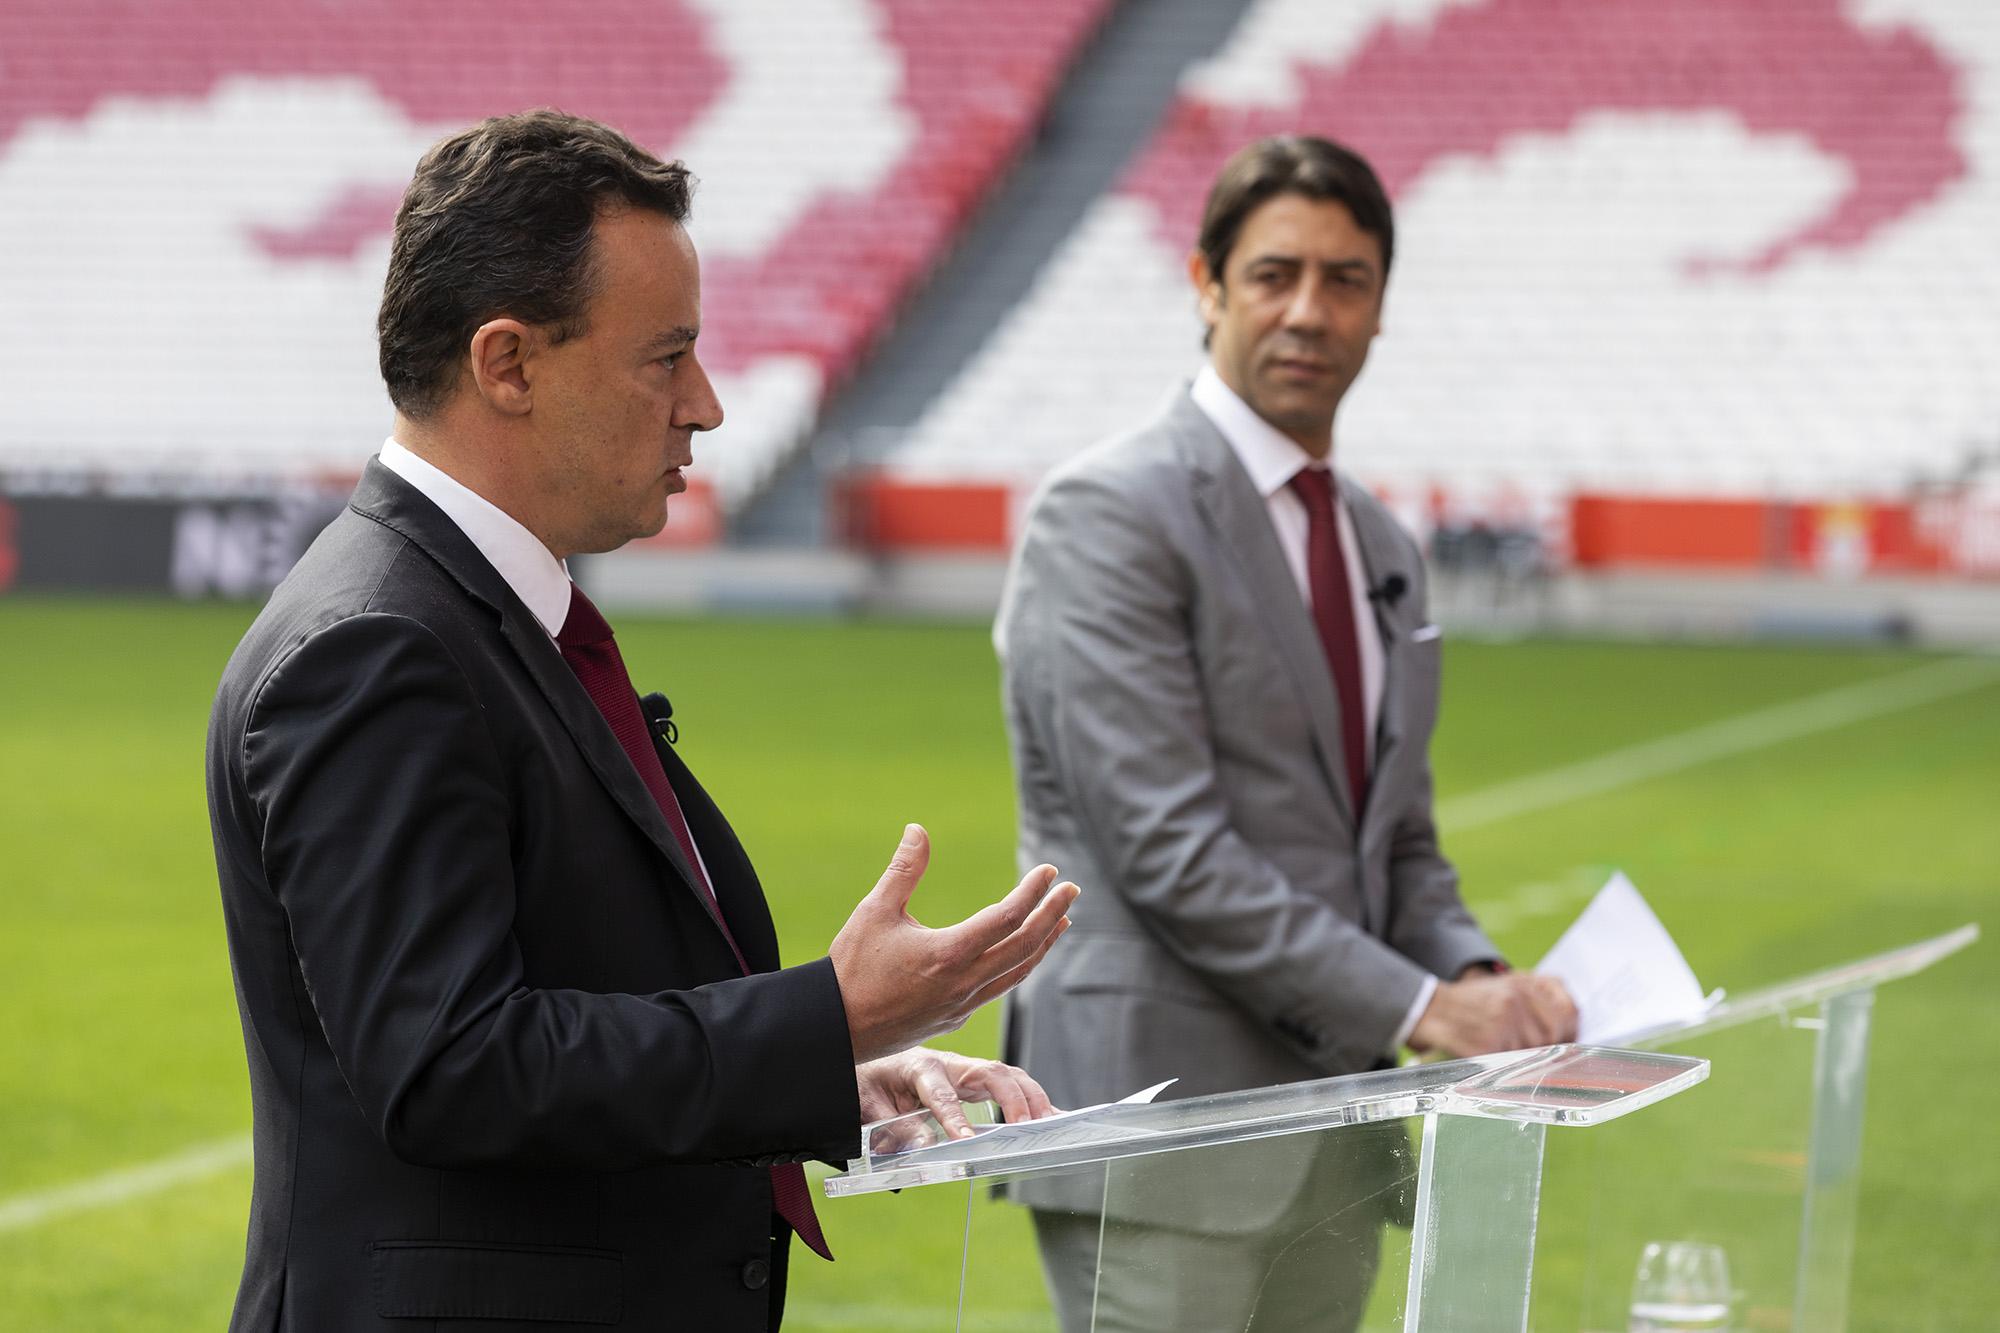 Estádio da Luz é o primeiro estádio em Portugal com tecnologia 5G - 09ABR21